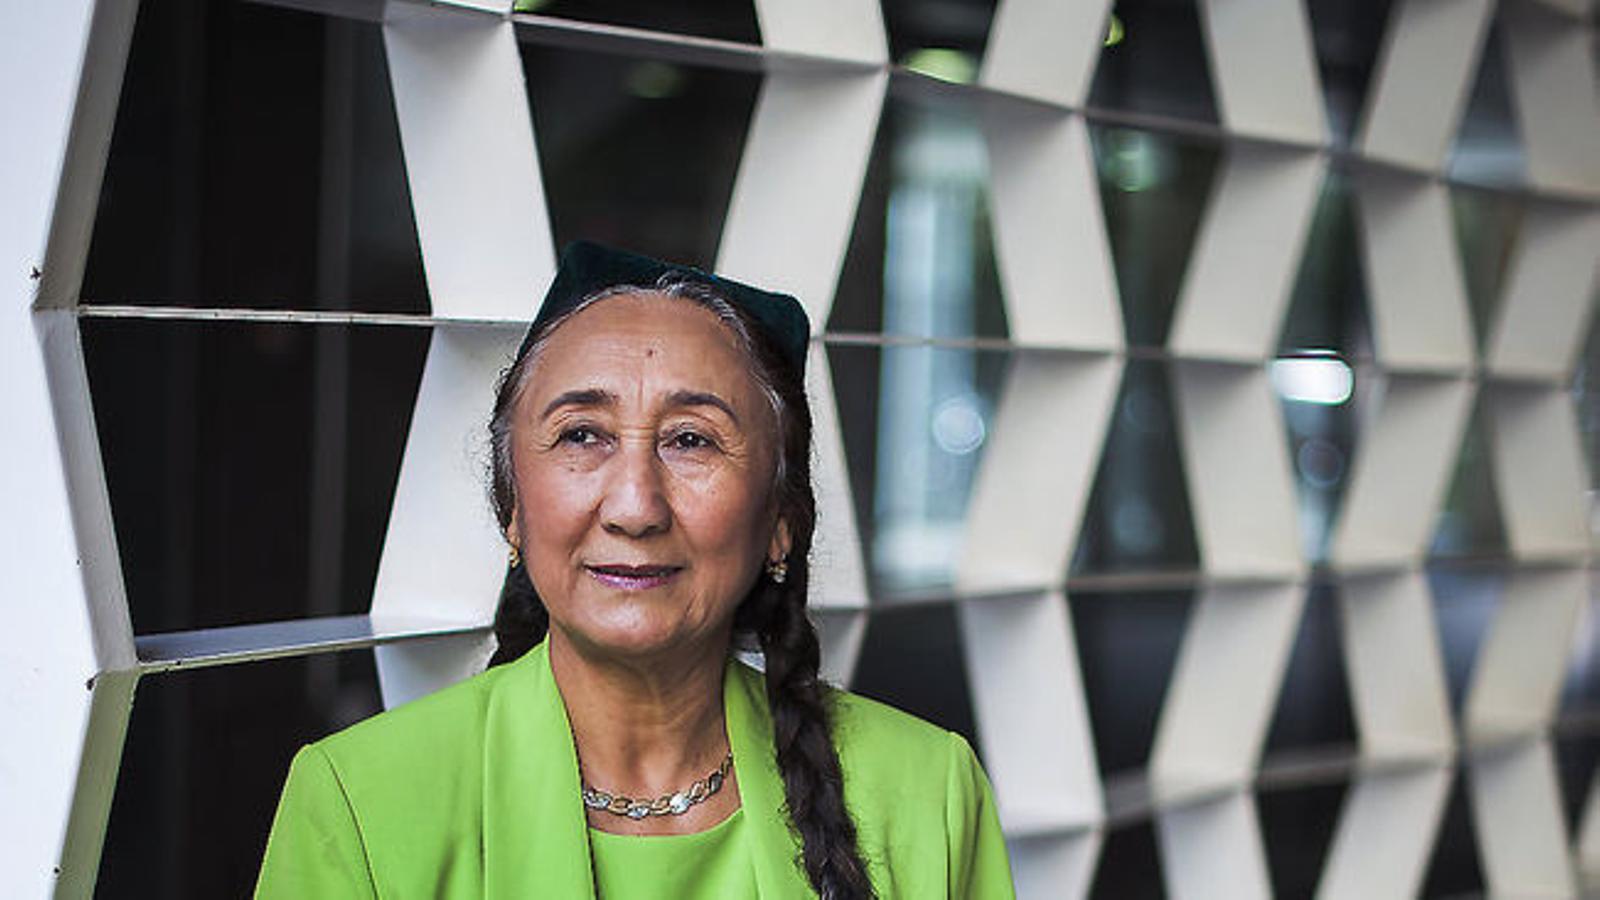 """""""Els pitjorts temps dels uigurs han arribat en l'era de Xi Jinping"""". Entrevista a Rebiyaa Kadeer, líder uigur a l'exili"""